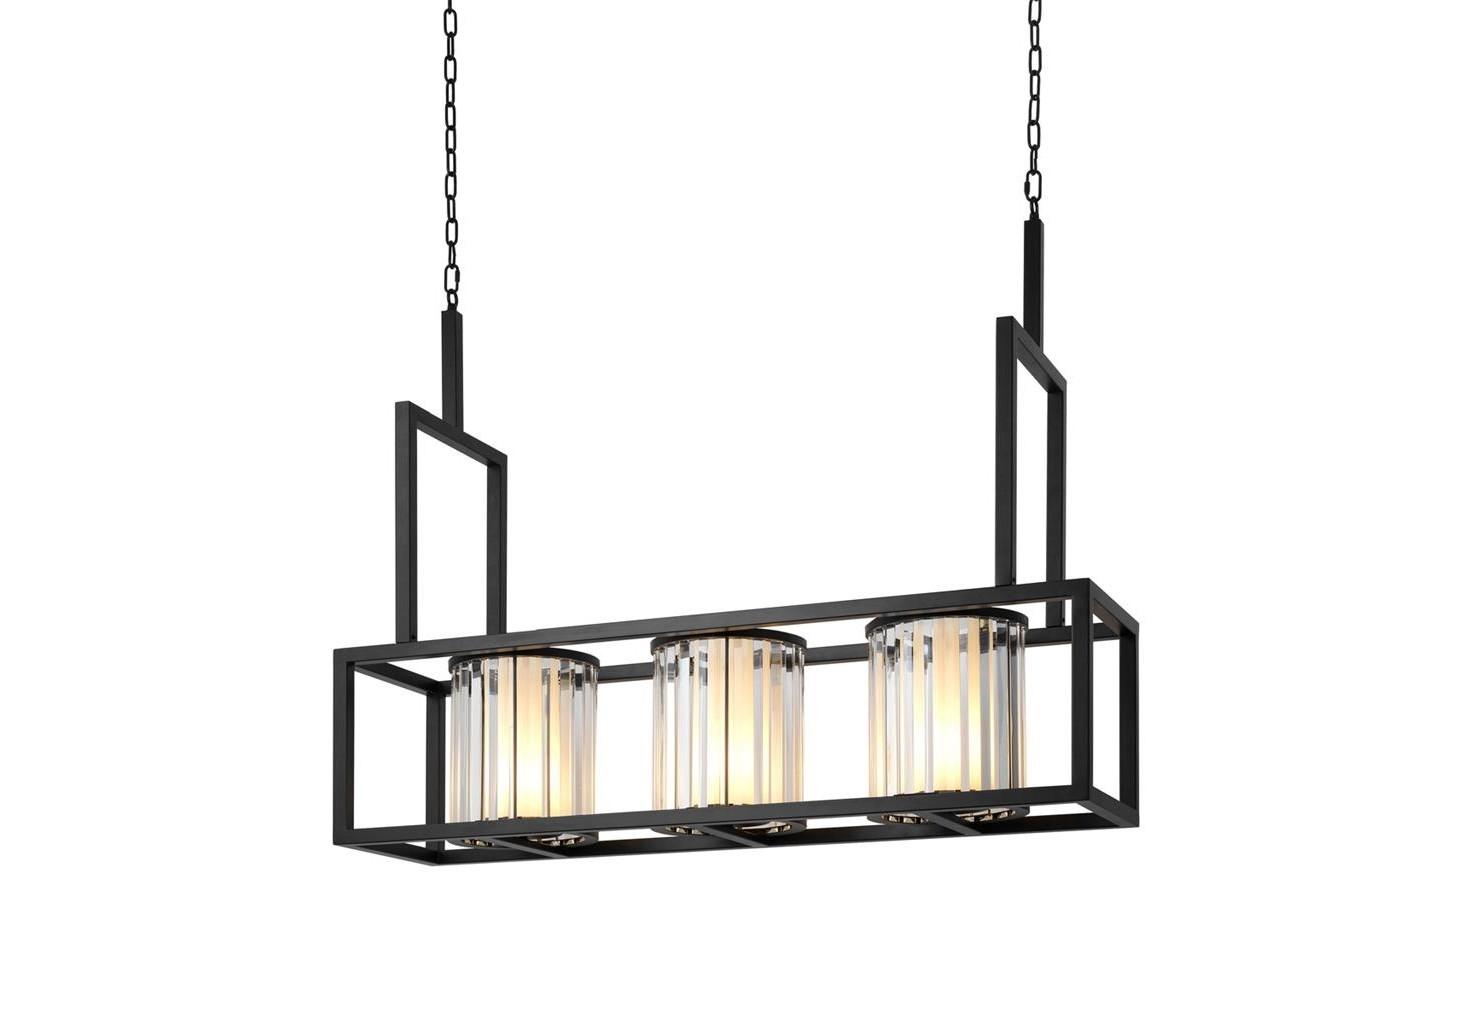 Подвесной светильникПодвесные светильники<br>Подвесной светильник Chandelier Carducci на металлической арматуре черного цвета. Плафоны из стекла песочного цвета в декоративном оформлении прозрачными пластинами. Высота светильника регулируется за счет звеньев цепи.&amp;lt;div&amp;gt;&amp;lt;br&amp;gt;&amp;lt;/div&amp;gt;&amp;lt;div&amp;gt;&amp;lt;div&amp;gt;Тип цоколя: E27&amp;lt;/div&amp;gt;&amp;lt;div&amp;gt;Мощность: 13W&amp;lt;/div&amp;gt;&amp;lt;div&amp;gt;Кол-во ламп: 3 (нет в комплекте)&amp;lt;/div&amp;gt;&amp;lt;/div&amp;gt;<br><br>Material: Металл<br>Width см: 120<br>Depth см: 32<br>Height см: 98